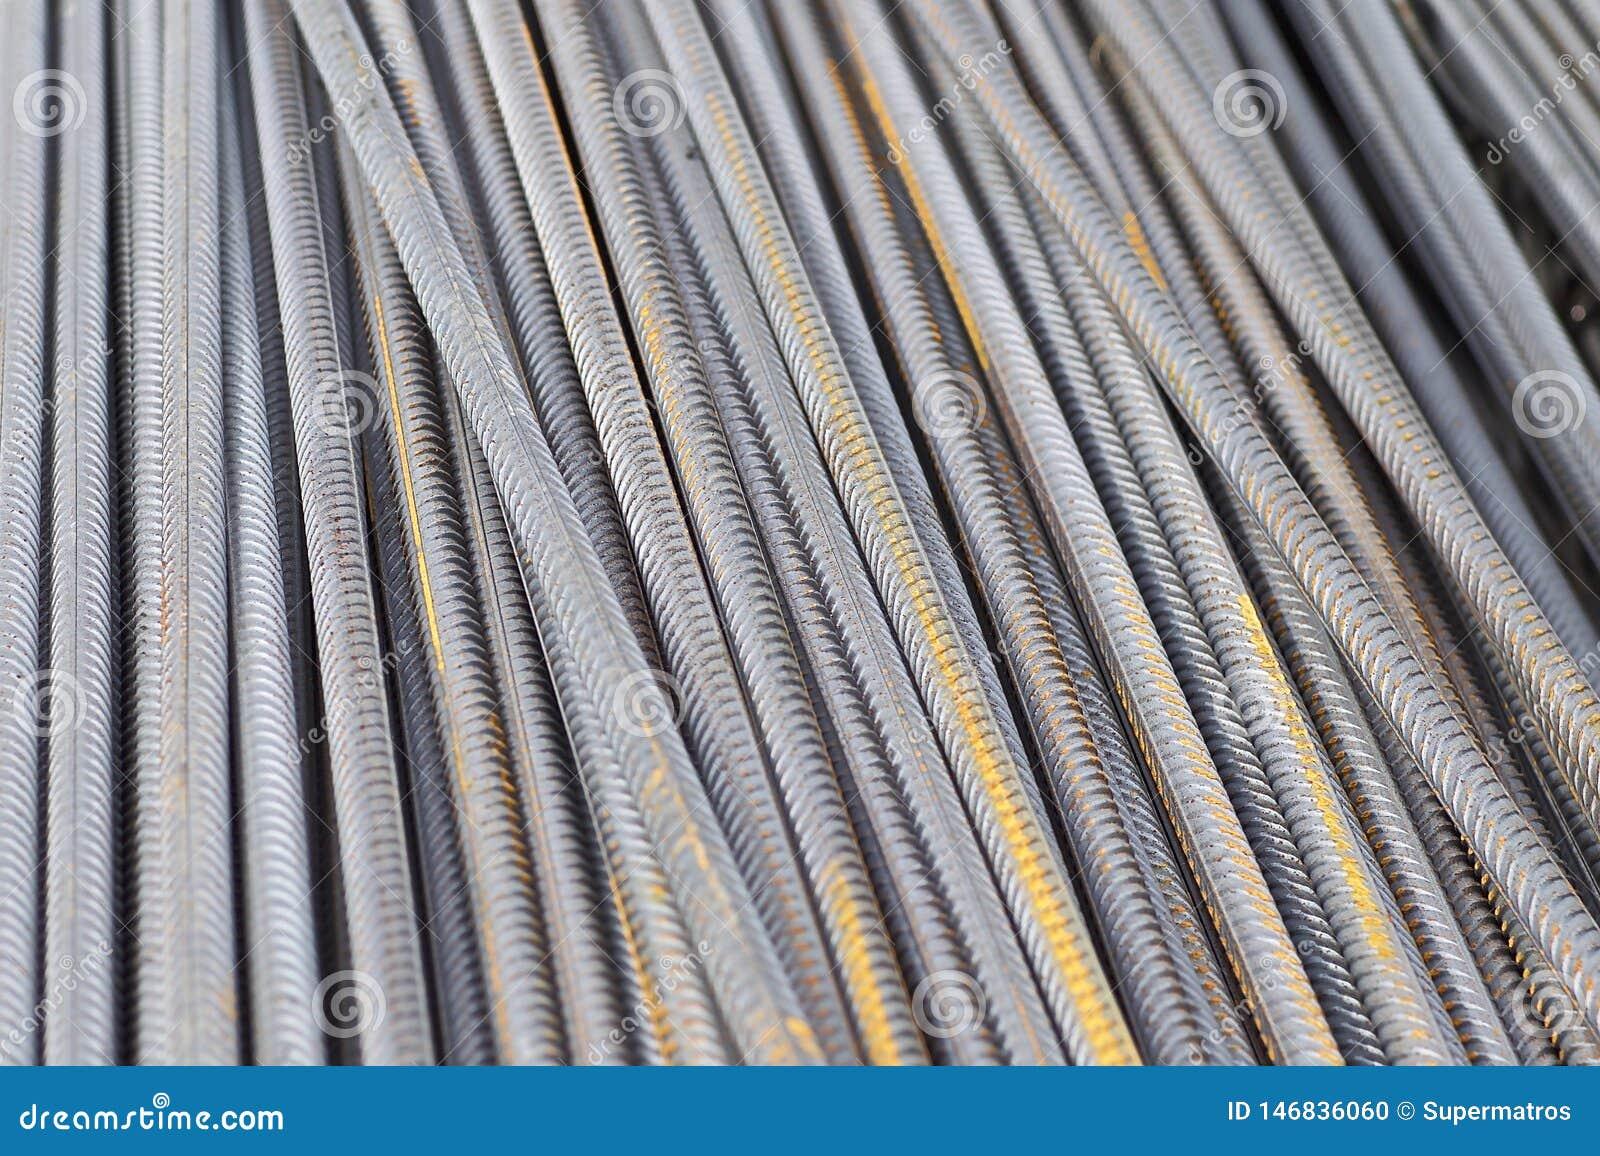 Οι φραγμοί ενίσχυσης με ένα περιοδικό σχεδιάγραμμα στα πακέτα αποθηκεύονται στην αποθήκη εμπορευμάτων προϊόντων μετάλλων